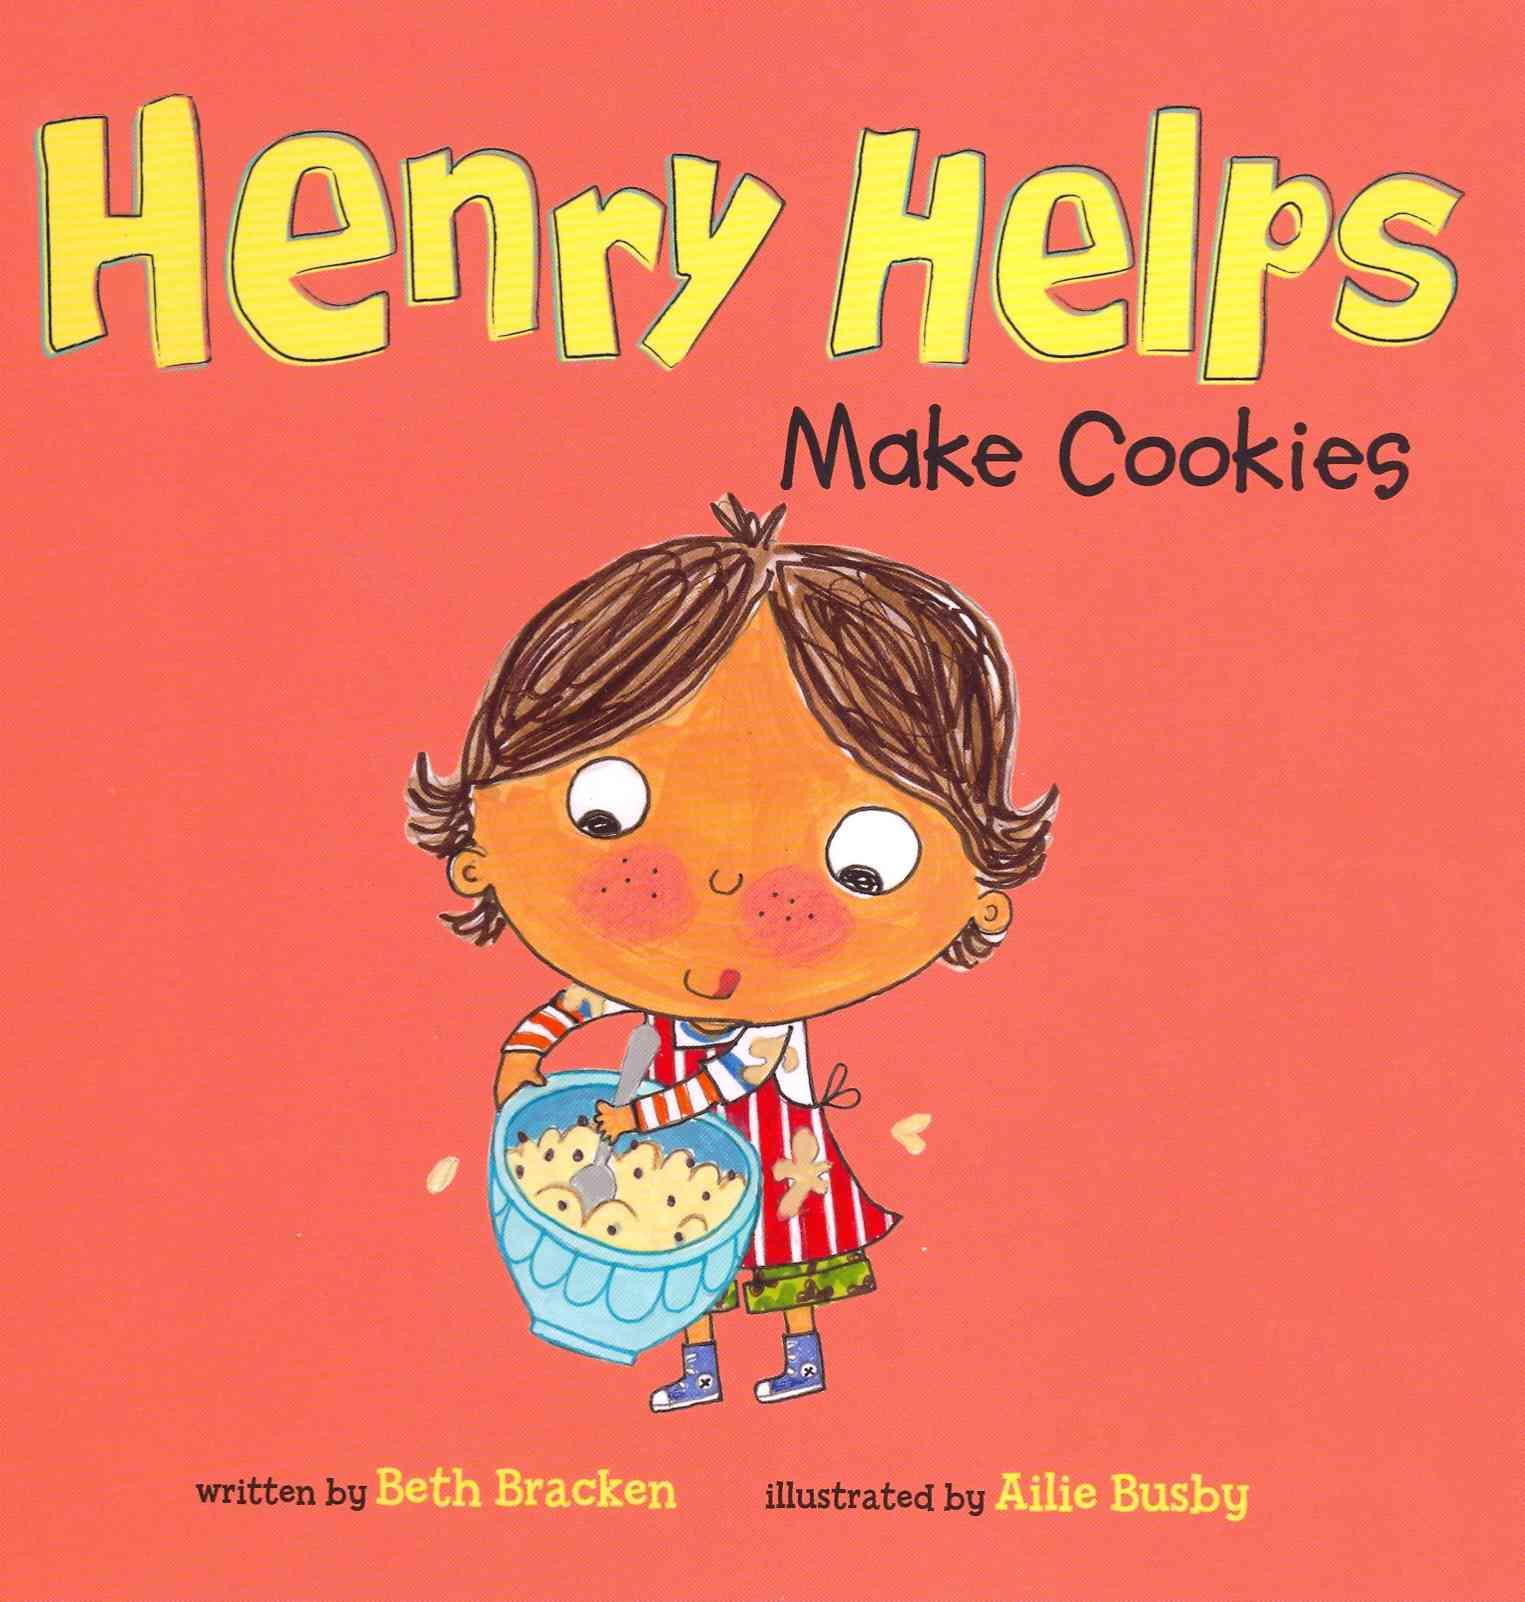 Henry Helps Make Cookies (Hardcover)